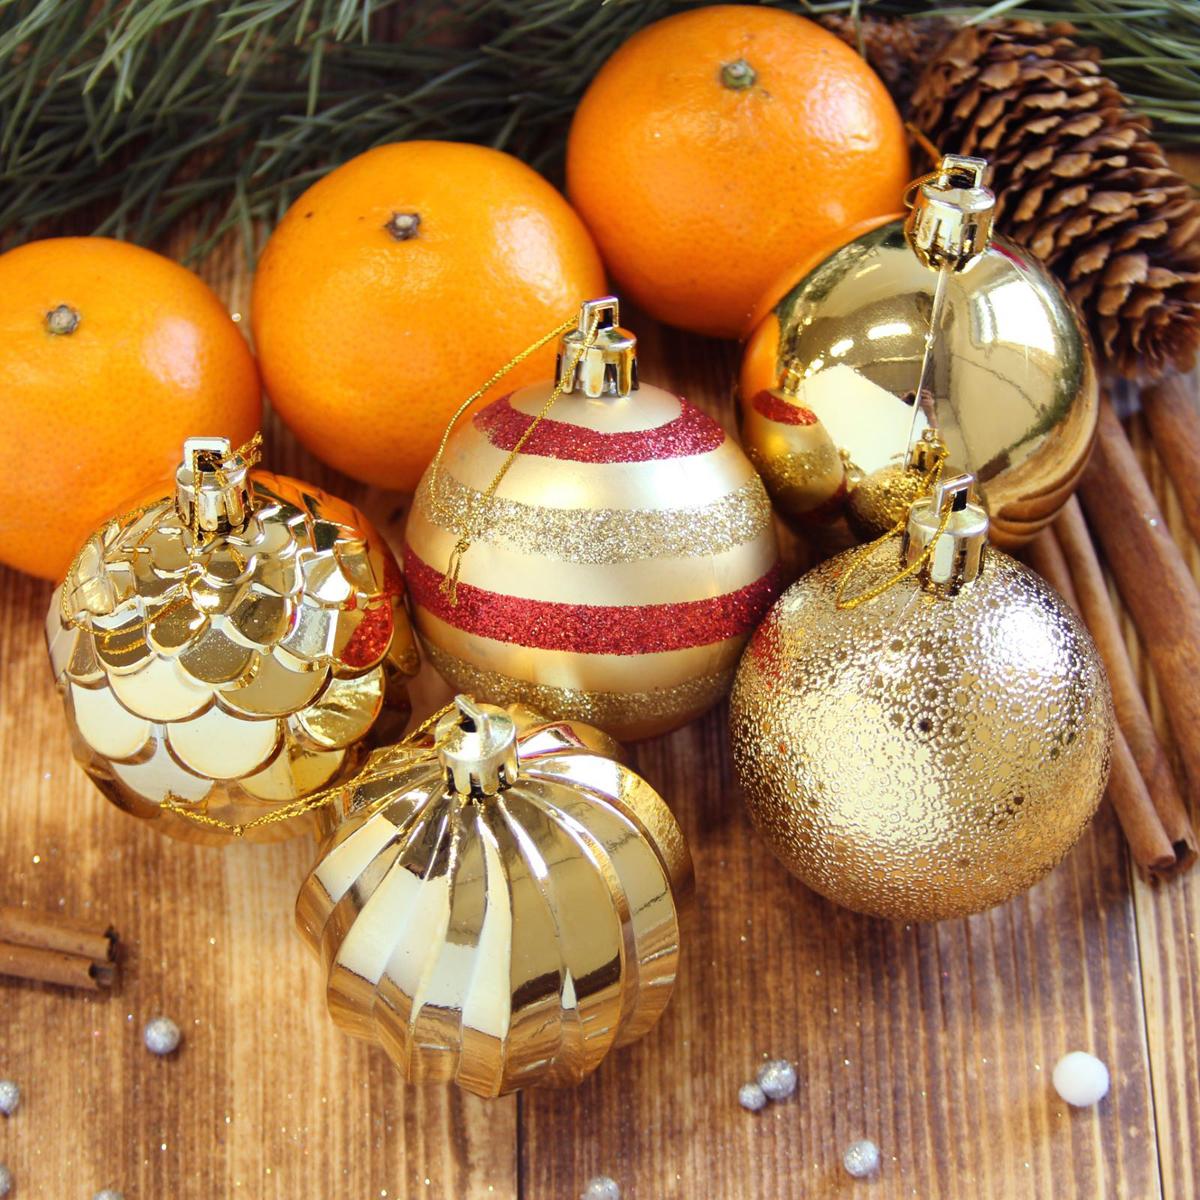 Набор новогодних подвесных украшений Sima-land Элит, цвет: золотистый, диаметр 6 см, 20 шт. 21230212123021Набор новогодних подвесных украшений Sima-land отлично подойдет для декорации вашего дома и новогодней ели. С помощью специальной петельки украшение можно повесить в любом понравившемся вам месте. Но, конечно, удачнее всего оно будет смотреться на праздничной елке. Елочная игрушка - символ Нового года. Она несет в себе волшебство и красоту праздника. Создайте в своем доме атмосферу веселья и радости, украшая новогоднюю елку нарядными игрушками, которые будут из года в год накапливать теплоту воспоминаний.